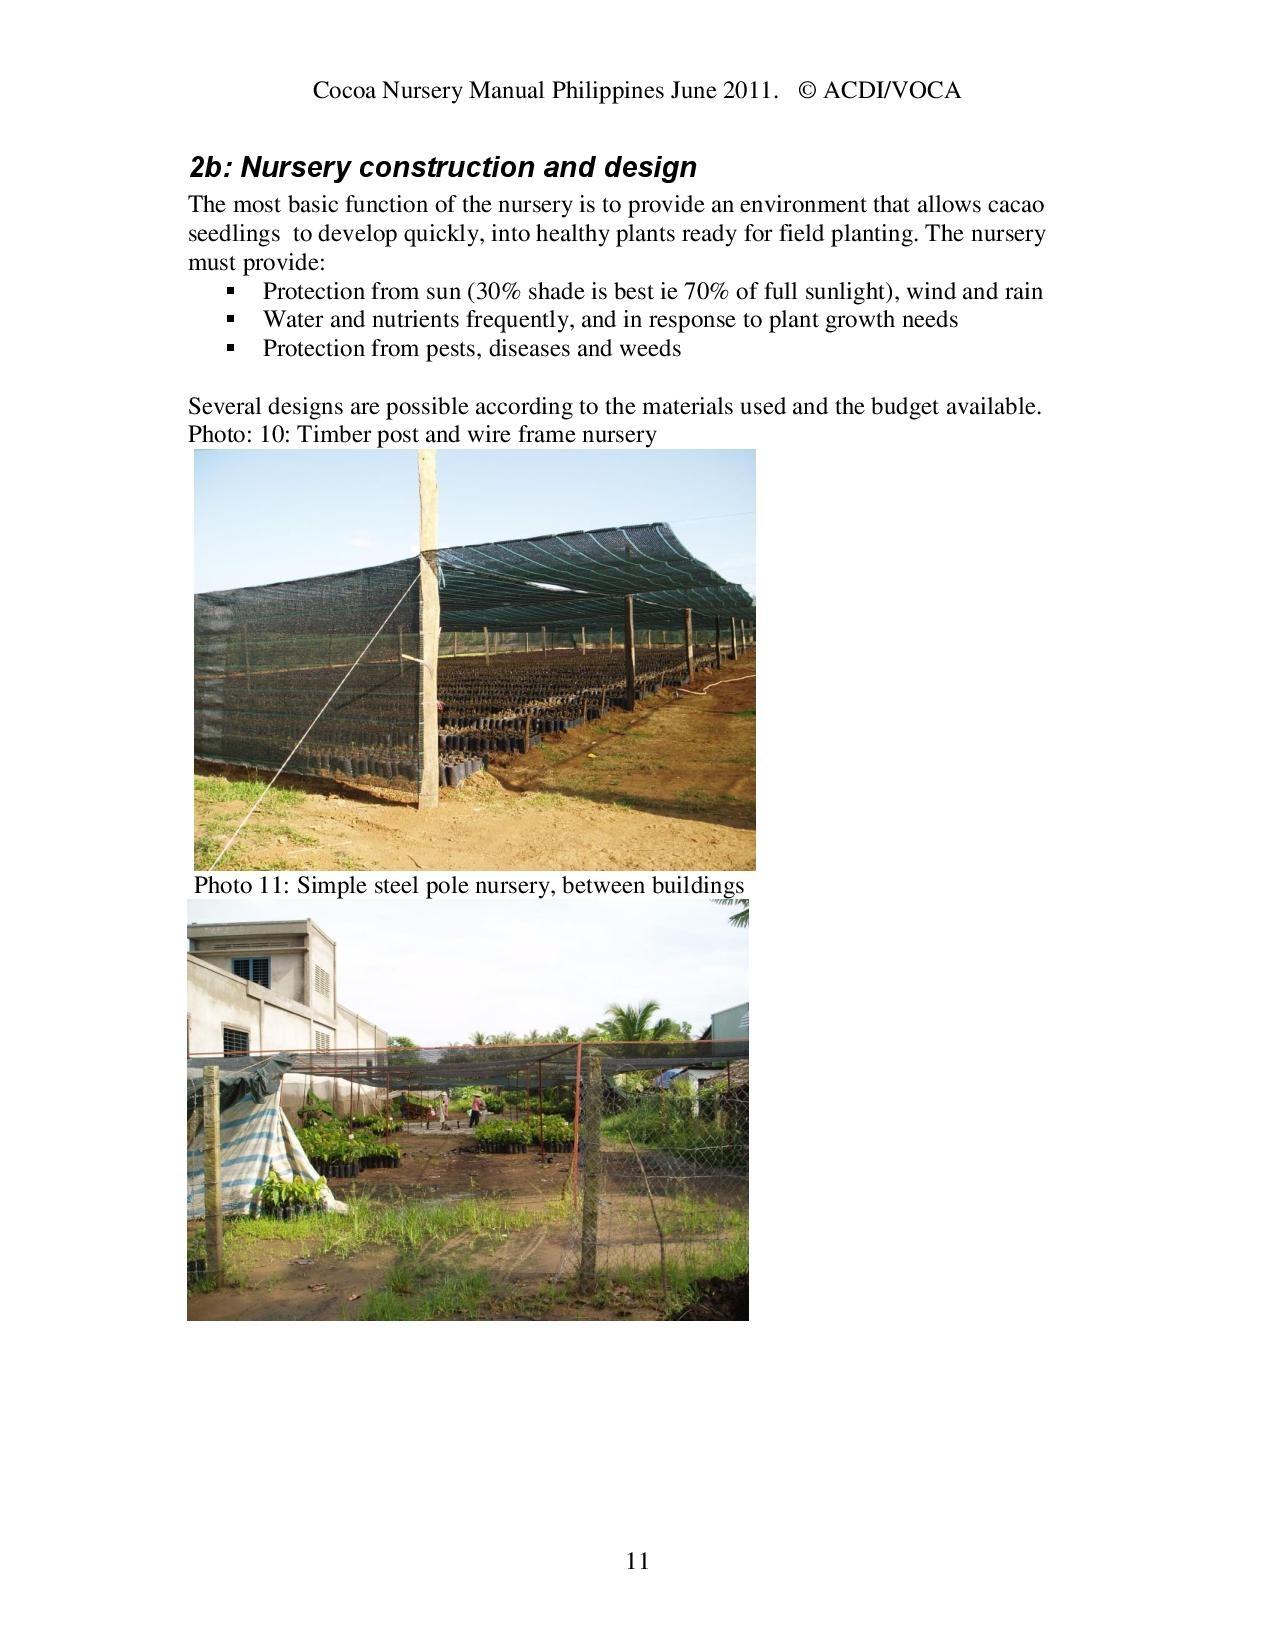 Cocoa-Nursery-Manual-2011_acdi-voca-page-011